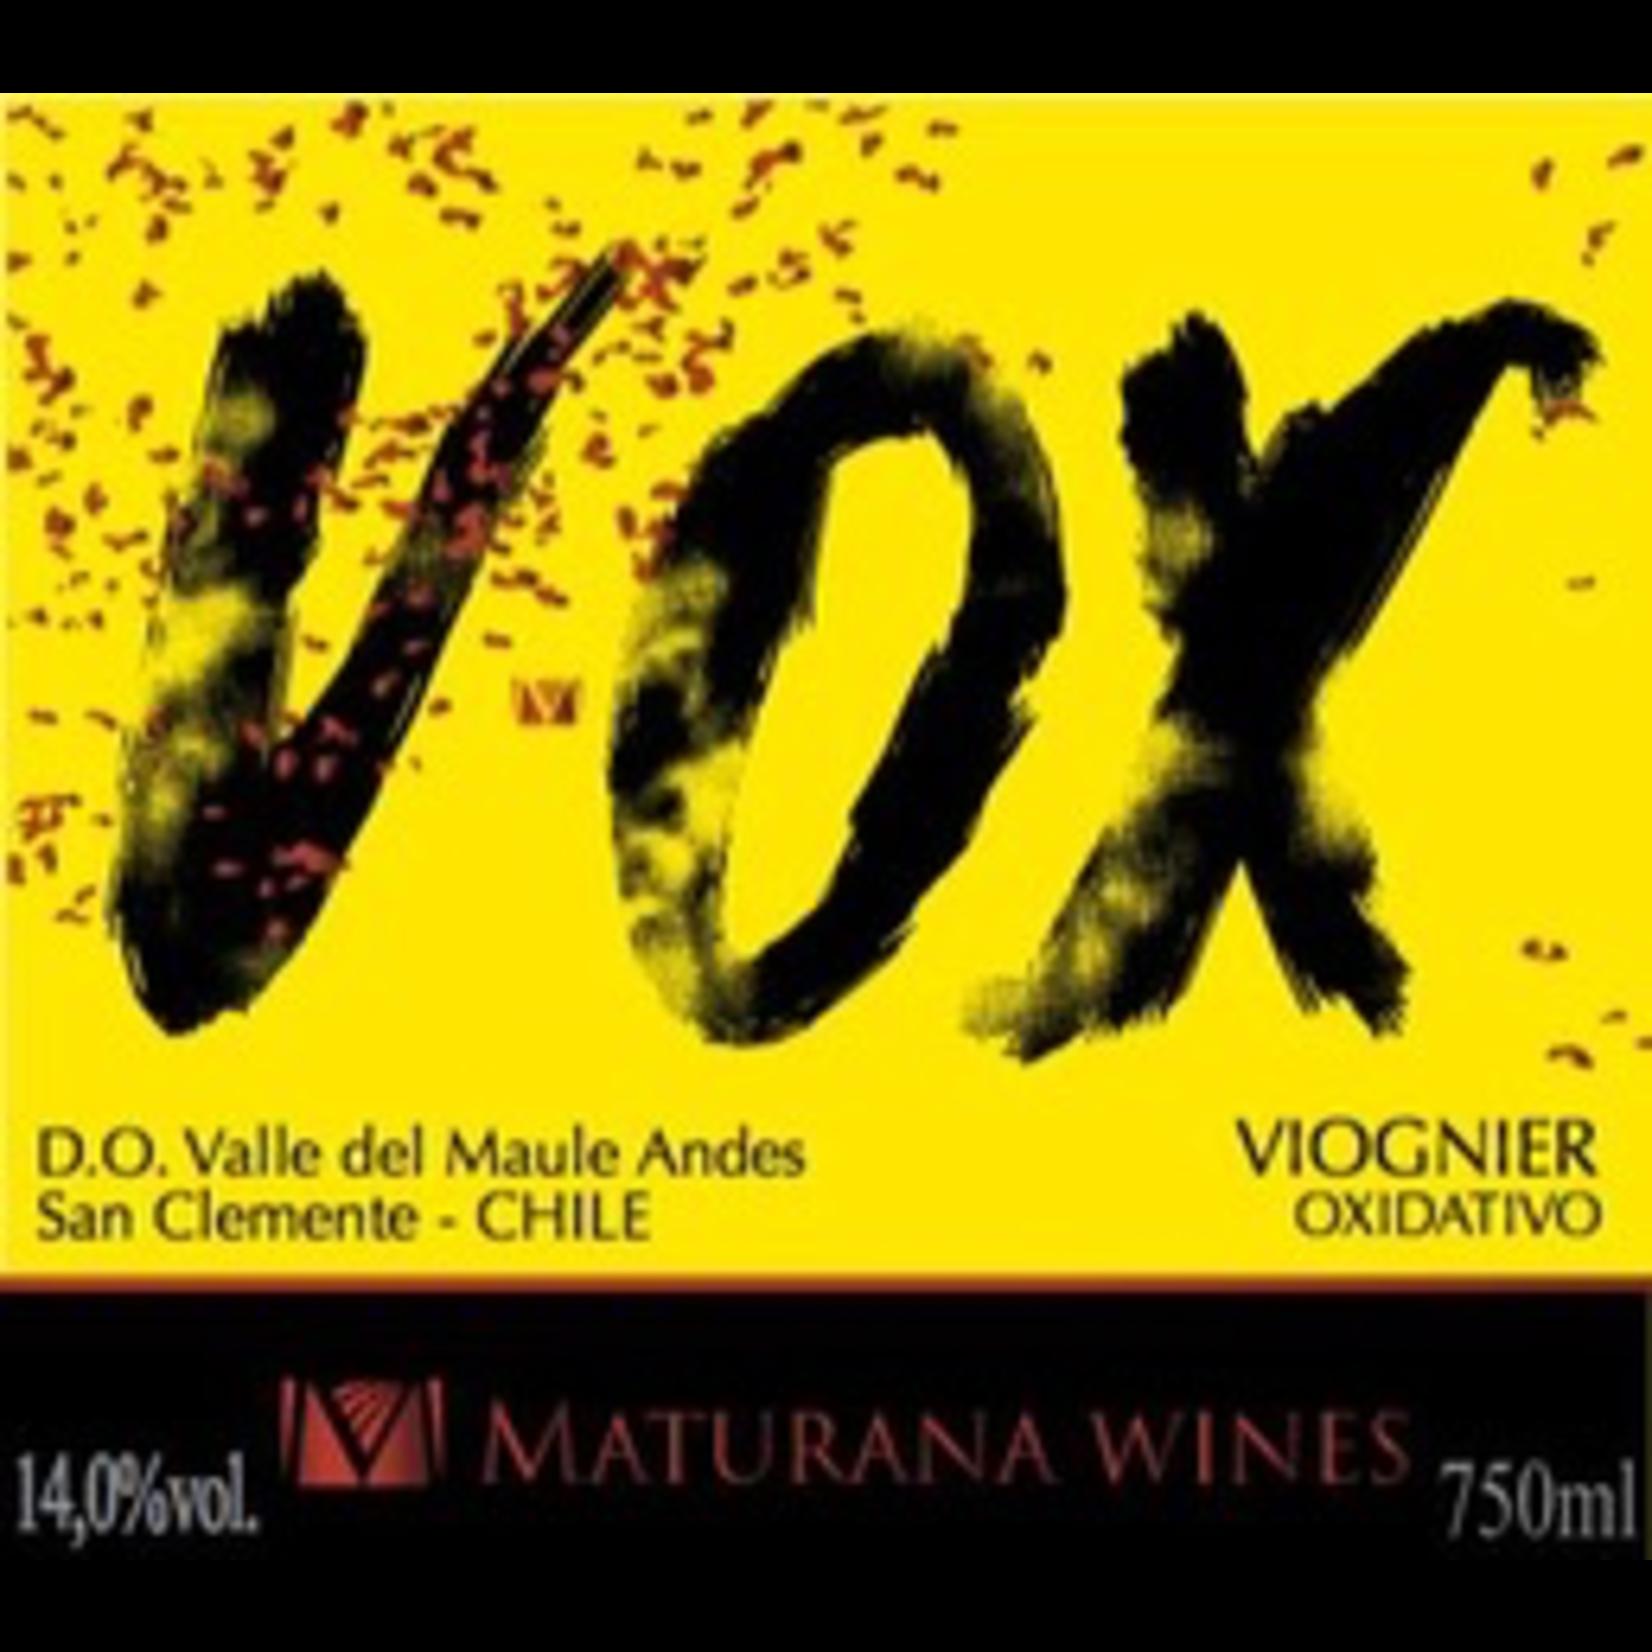 Maturana Wines VOX Viognier Oxidativo Valle del Maule 2018